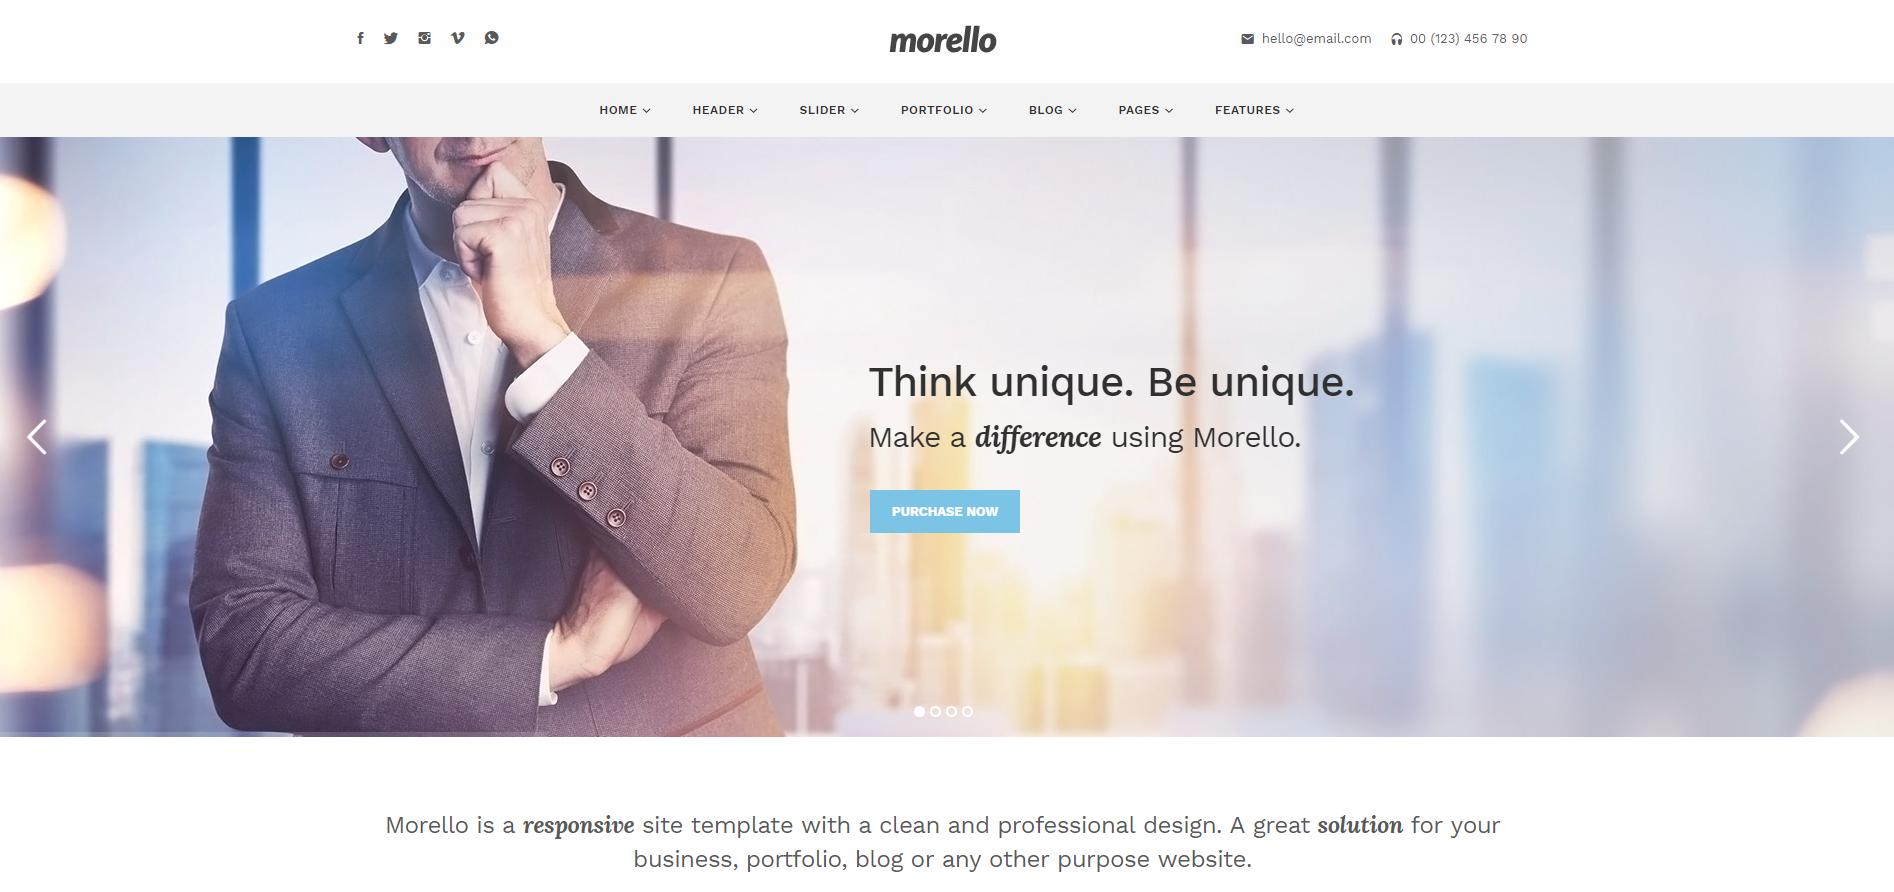 Morello theme